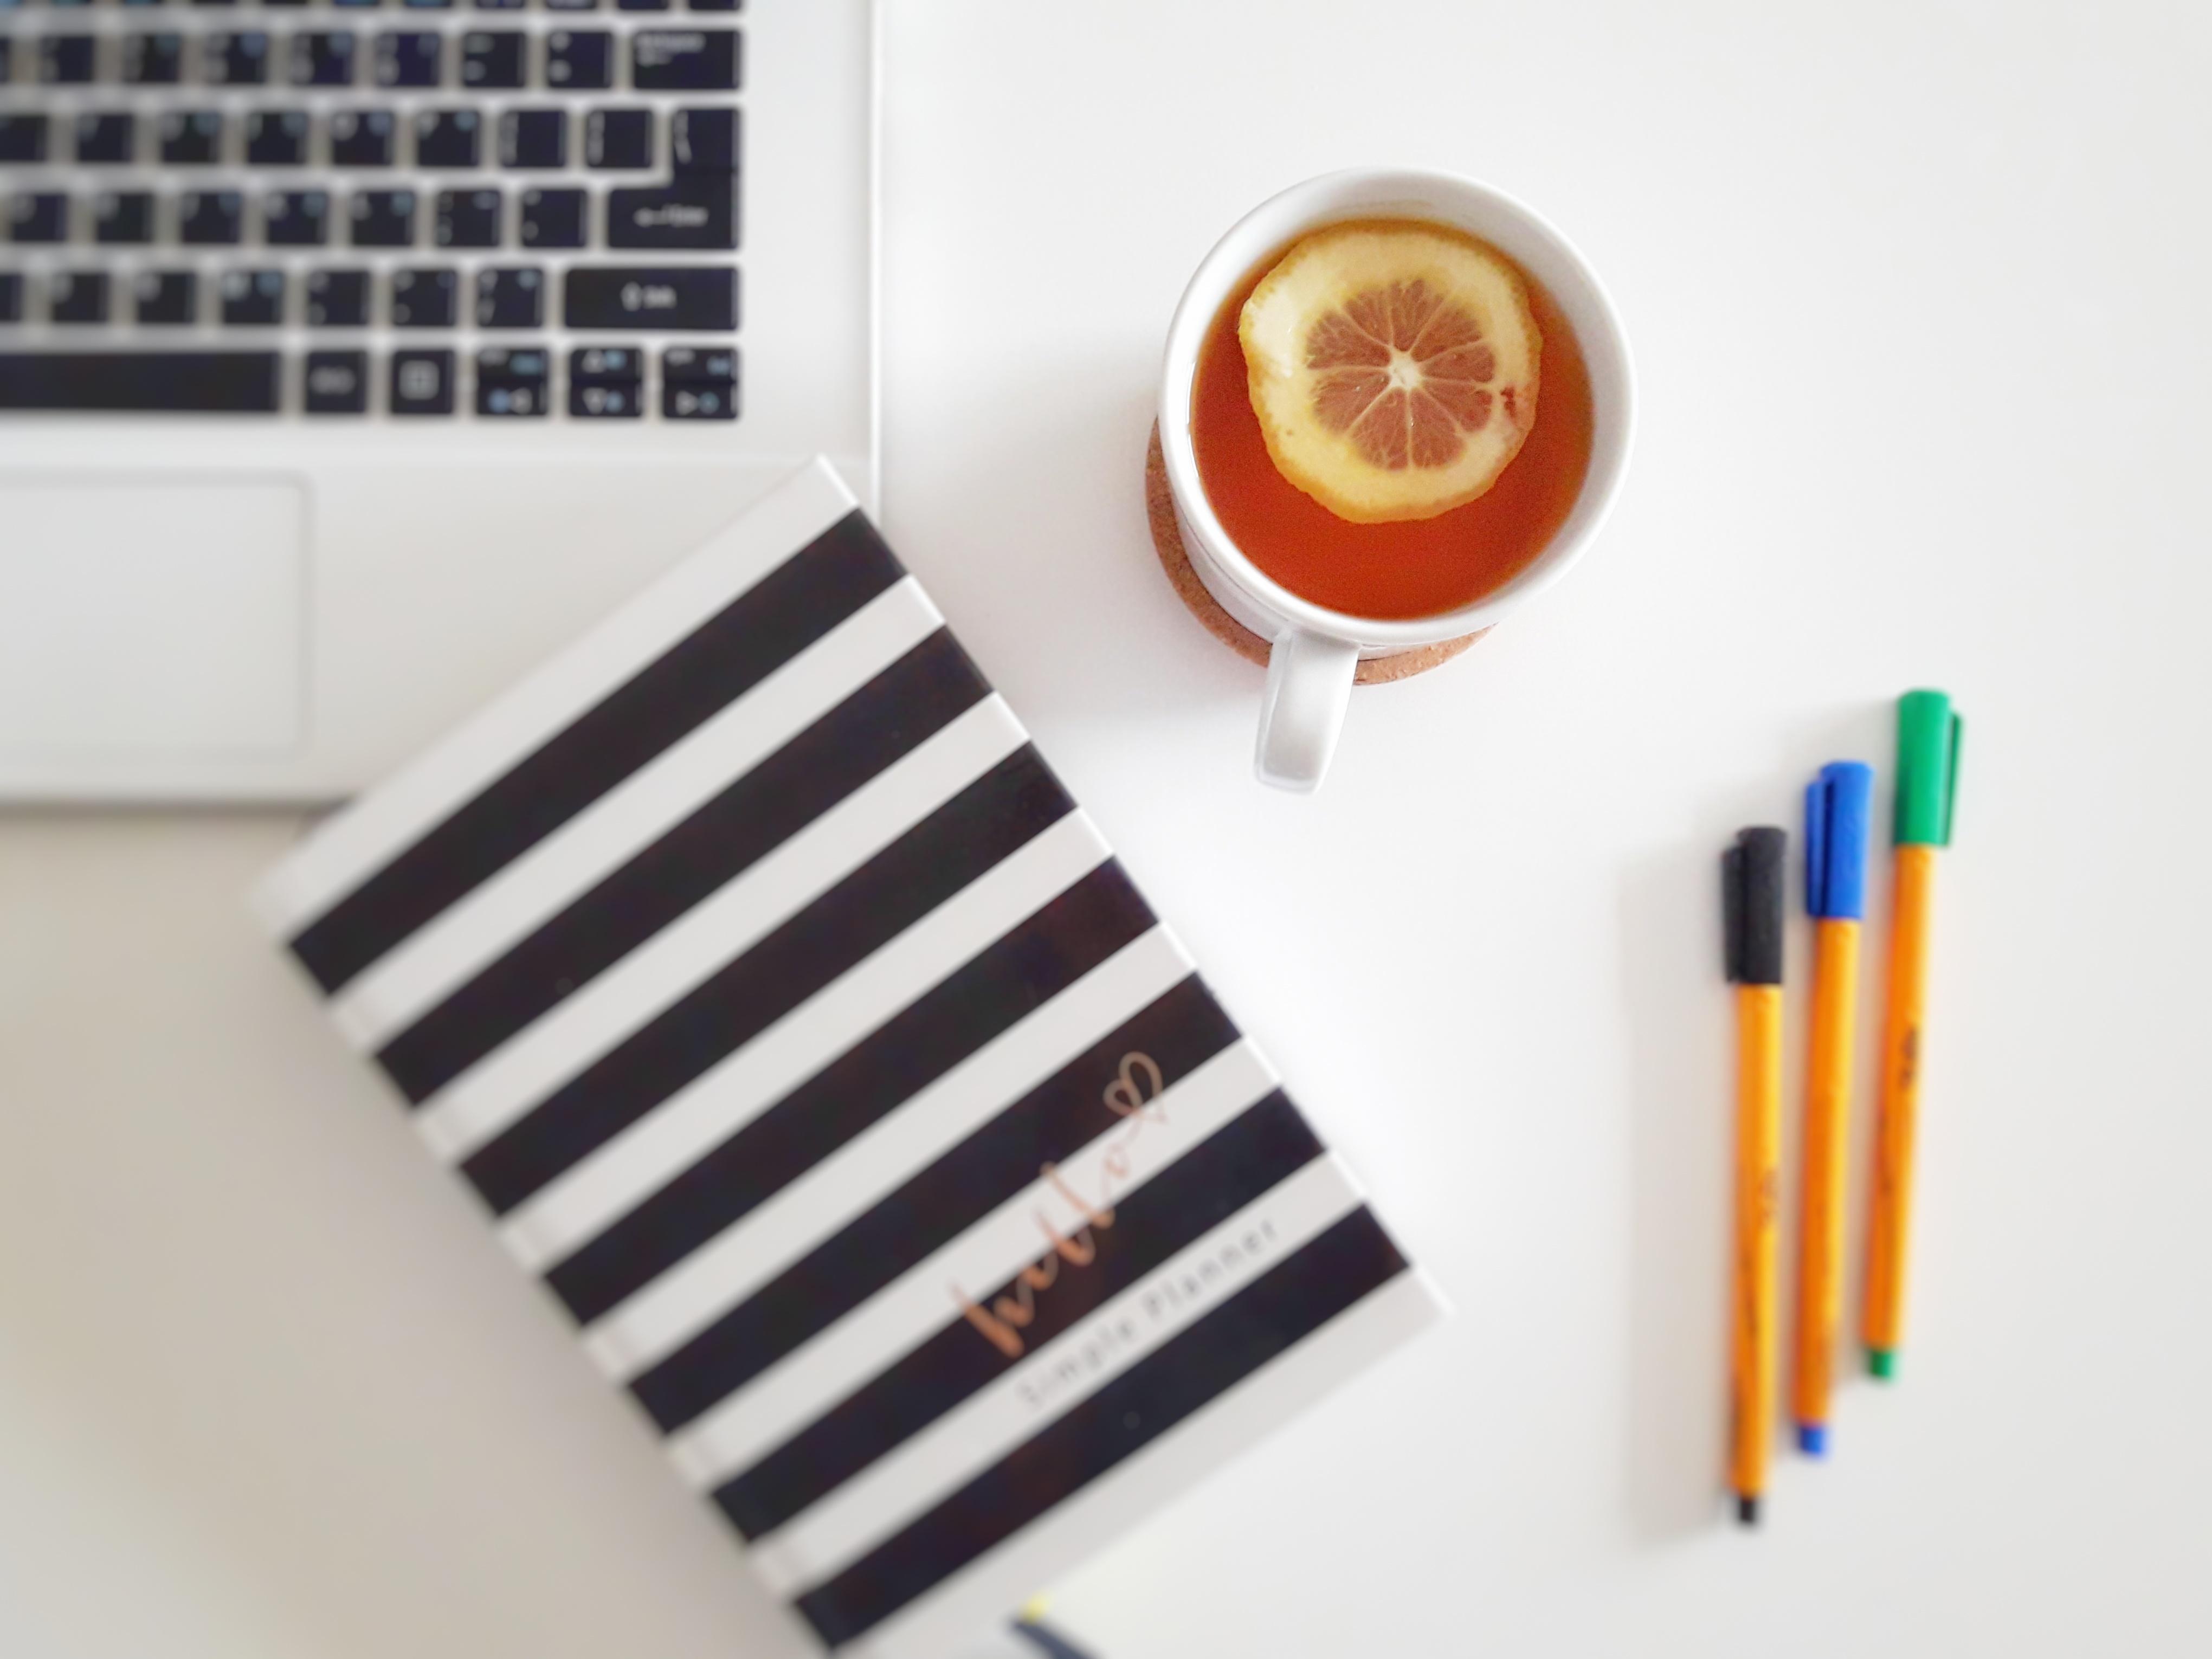 Płynny poranek – czyli 7 rzeczy które warto zrobić przed snem